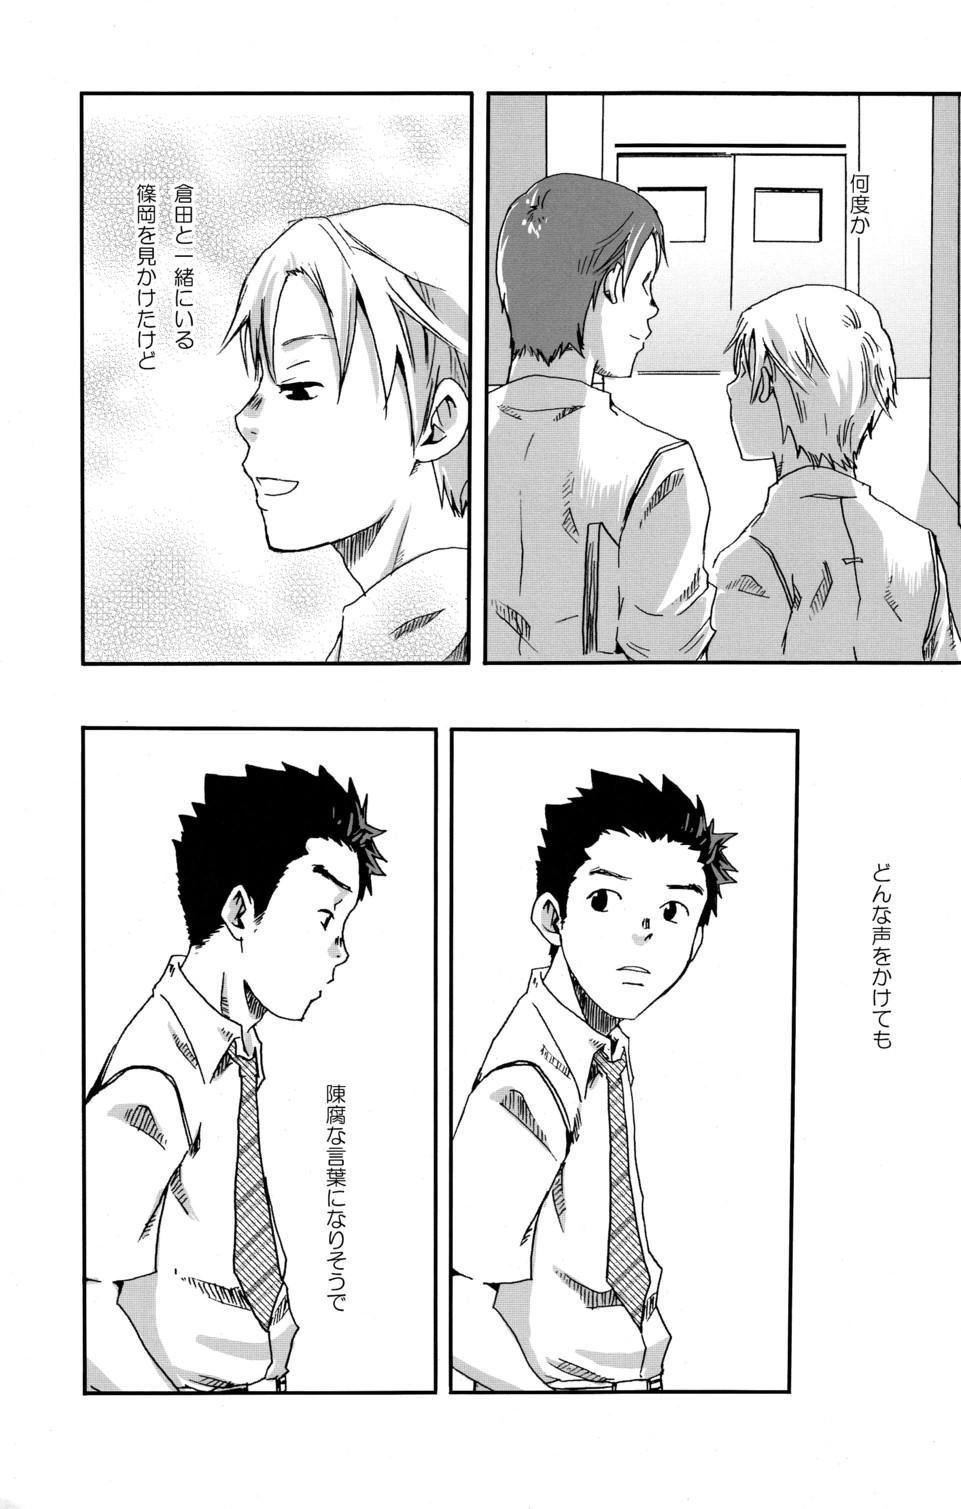 (C78) [Box (Tsukumo Gou)] 【19号(つくも号)】そう言って君は笑うSou Itte Kimi wa Warau 38